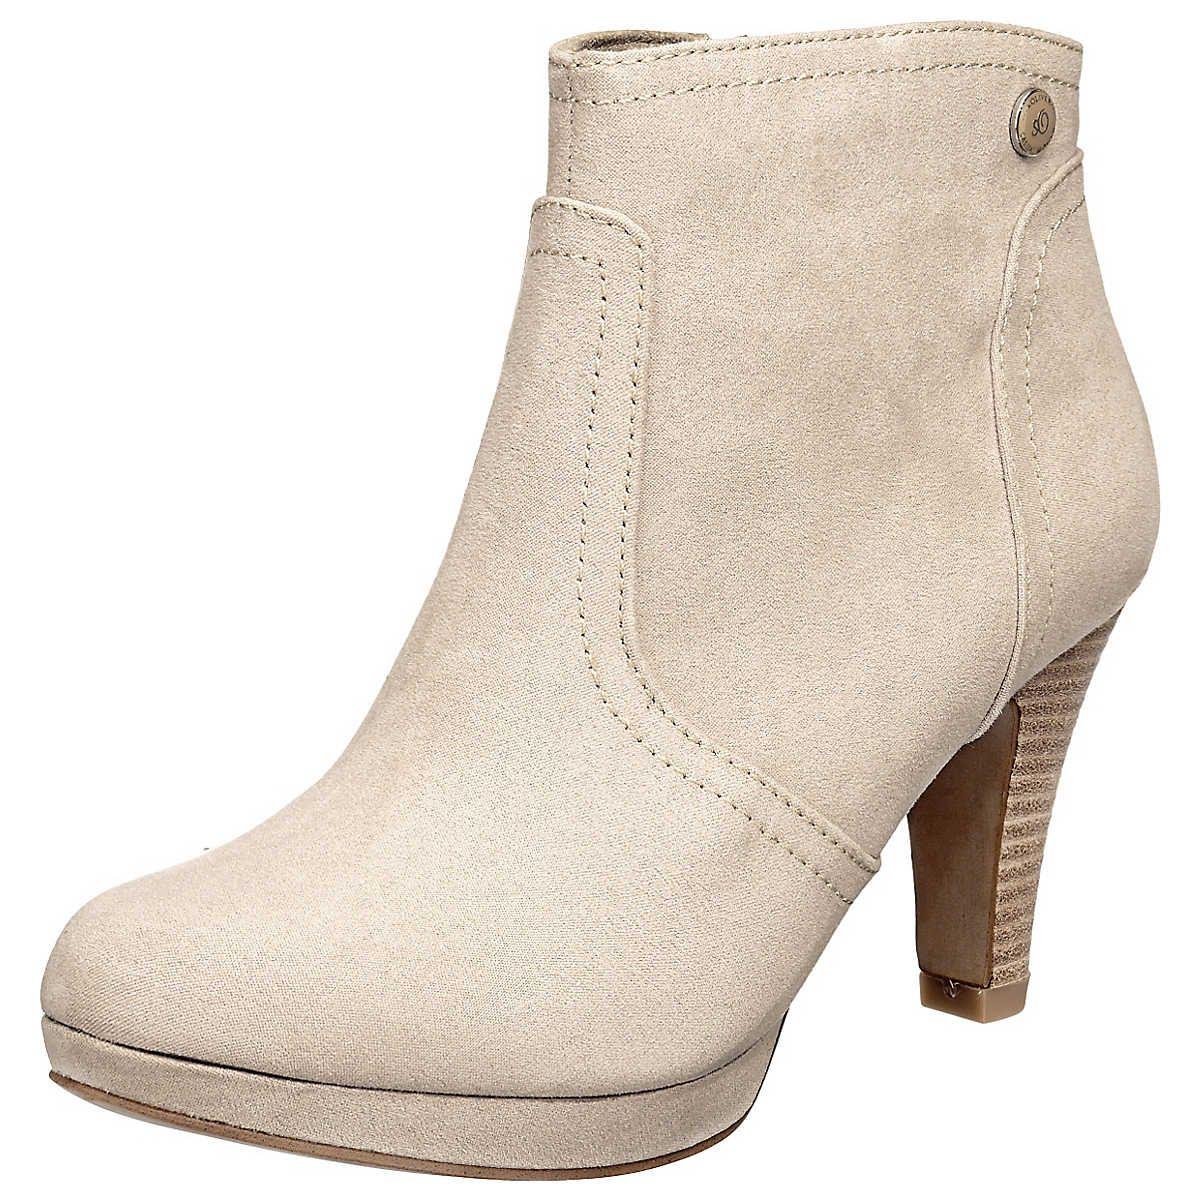 s.Oliver Stiefeletten | Damenschuhe, Schuhe und Stiefeletten